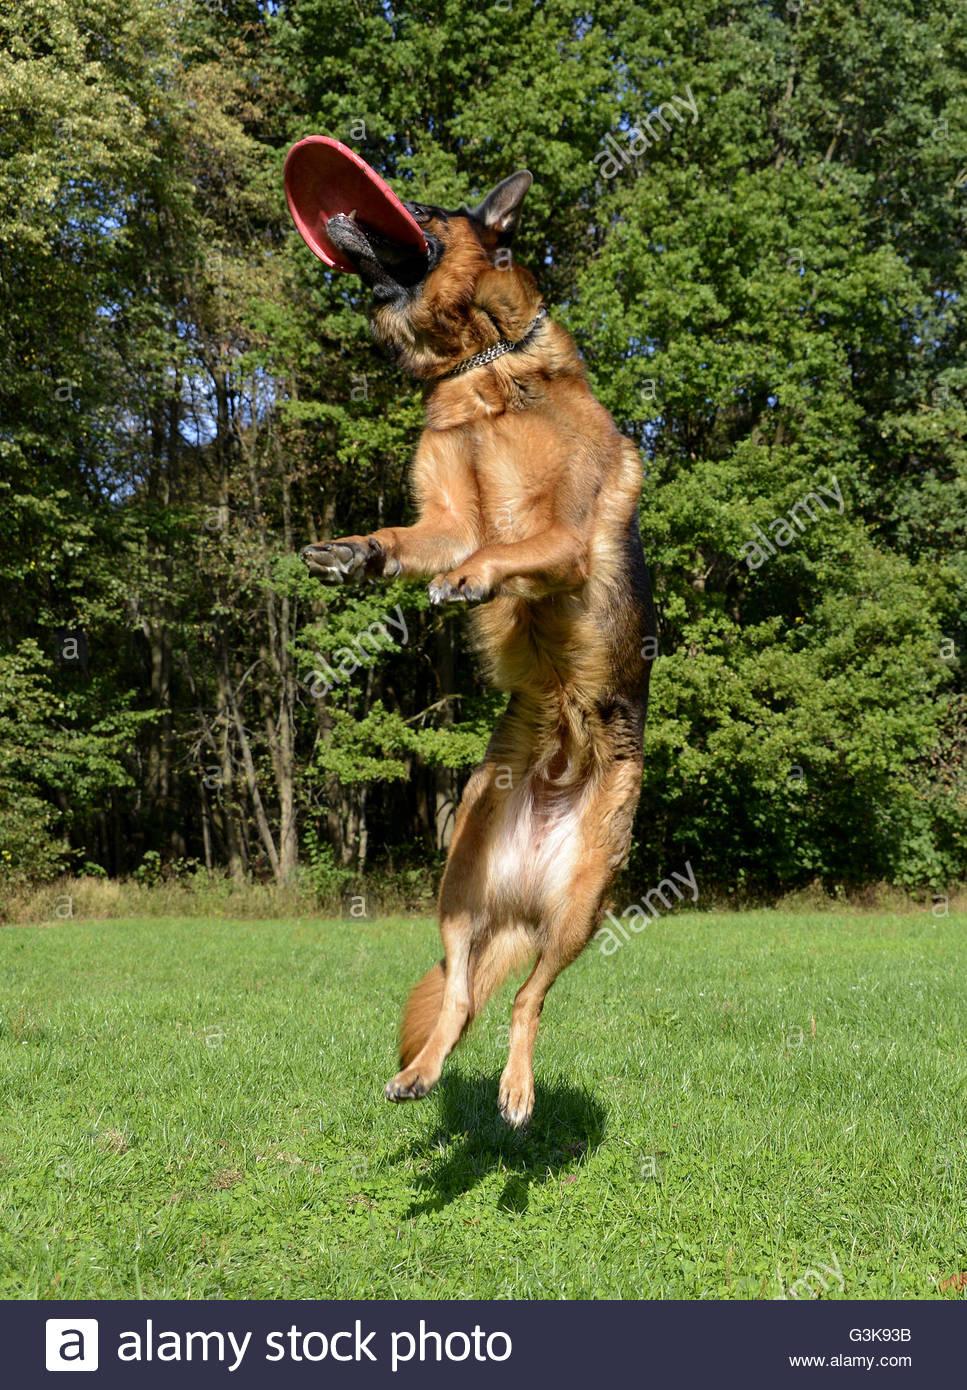 German Shepherd dog jumping taking frisby - Stock Image